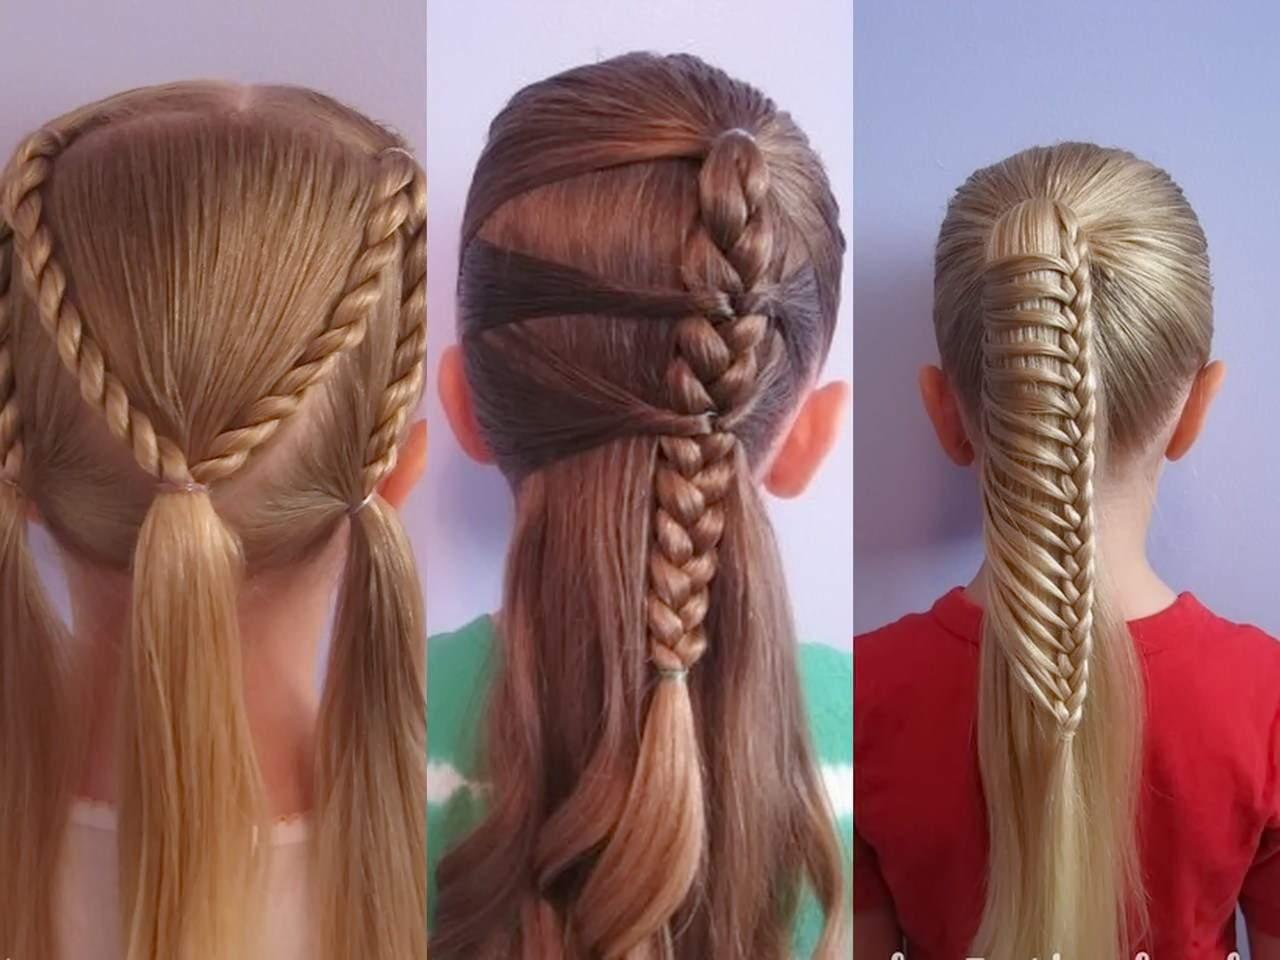 простая укладка на длинные волосы - НЕСКОЛЬКО ВИДОВ КОС НА ДЛИННЫЕ ВОЛОСЫ